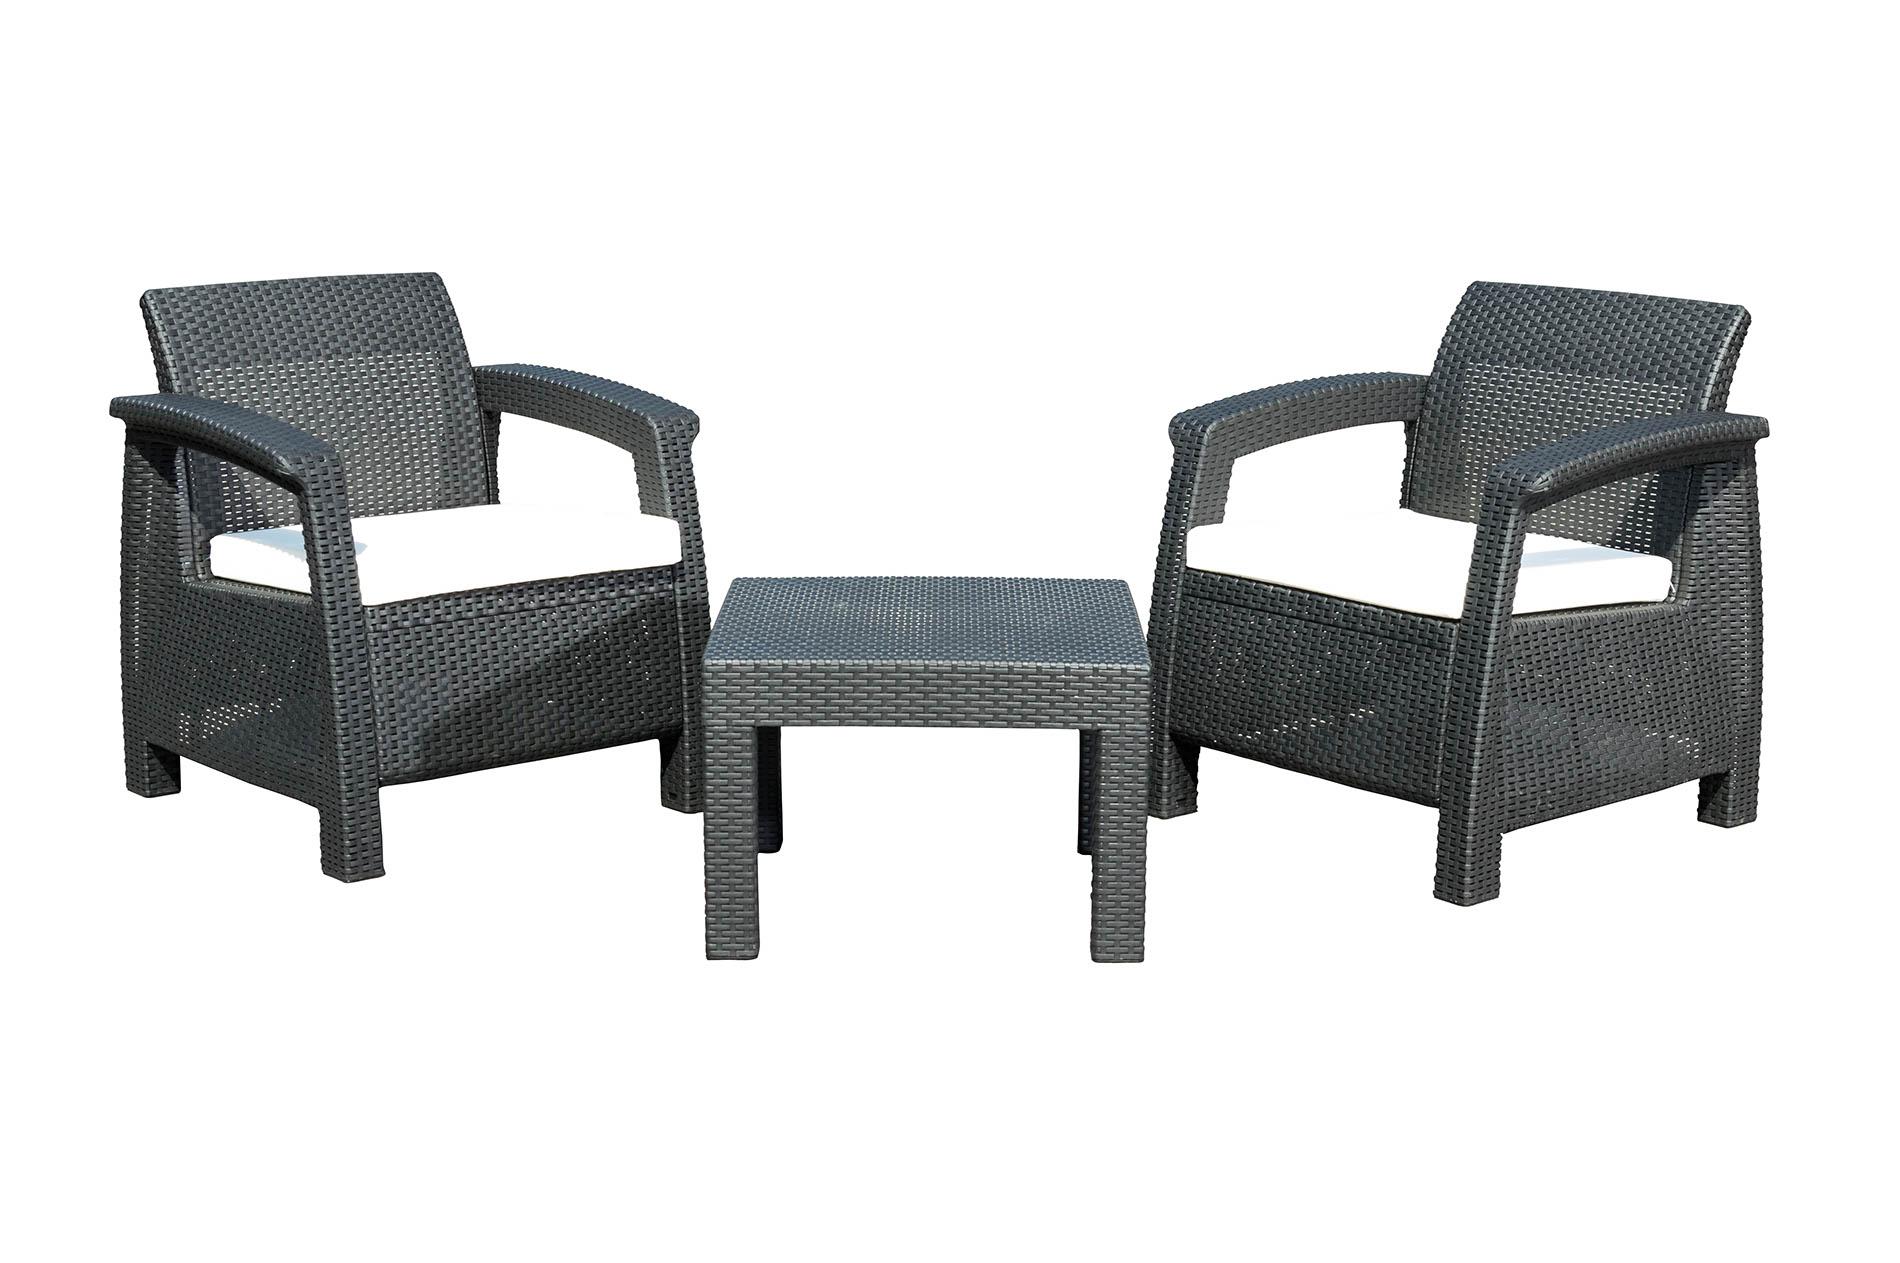 Zahradní nábytek G21 MOANA RELAX imitace ratanu, černý (2+1) + doprava zdarma